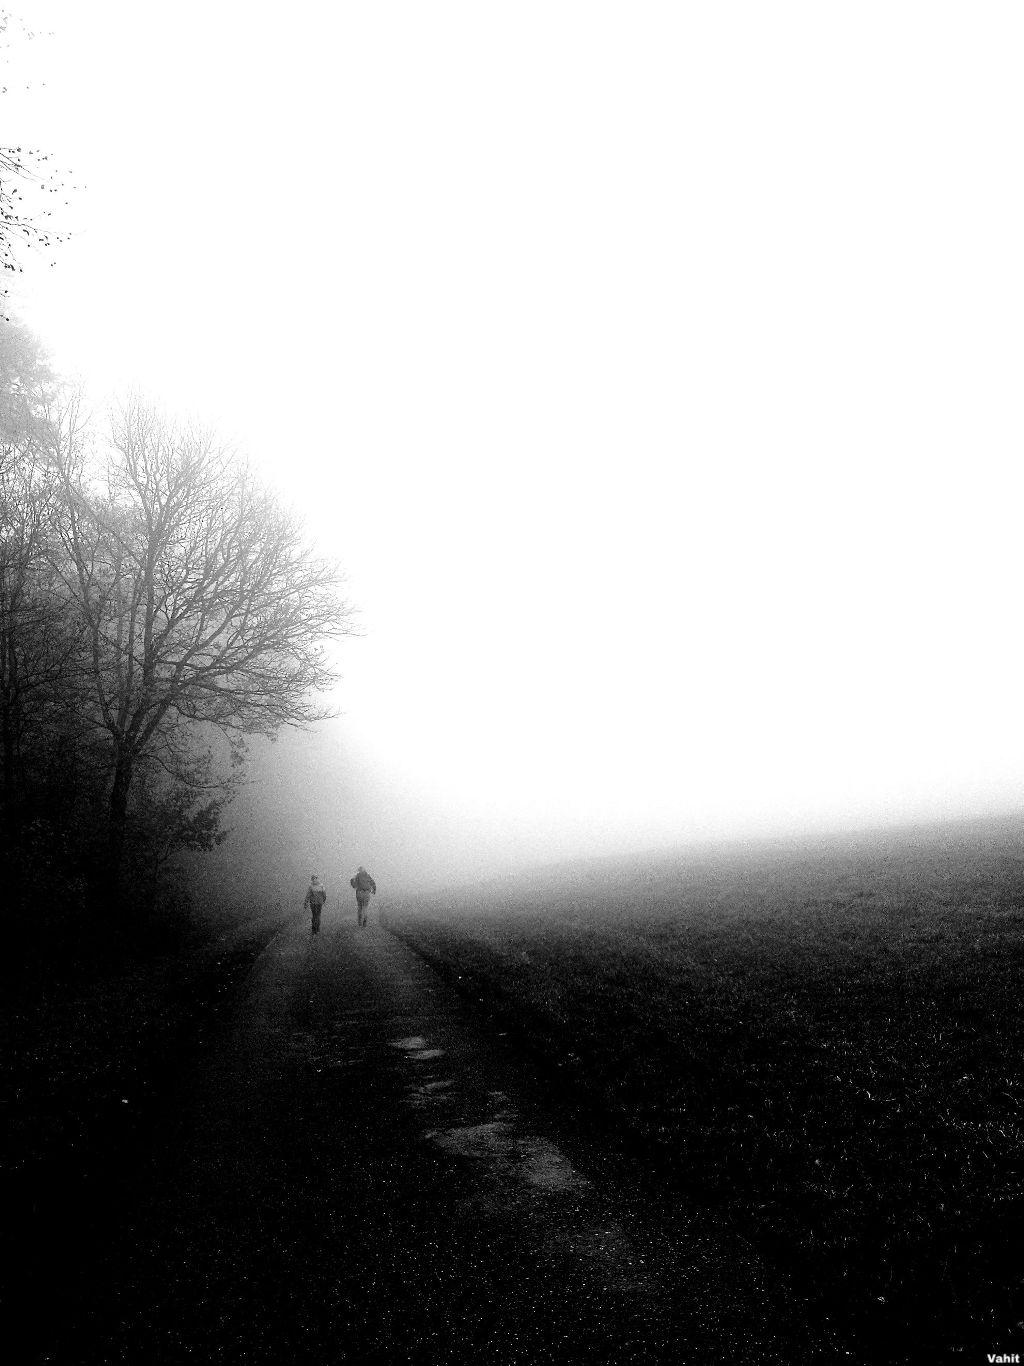 #freetoedit #fog#blackandwhite#walkway#pathway#myphotography